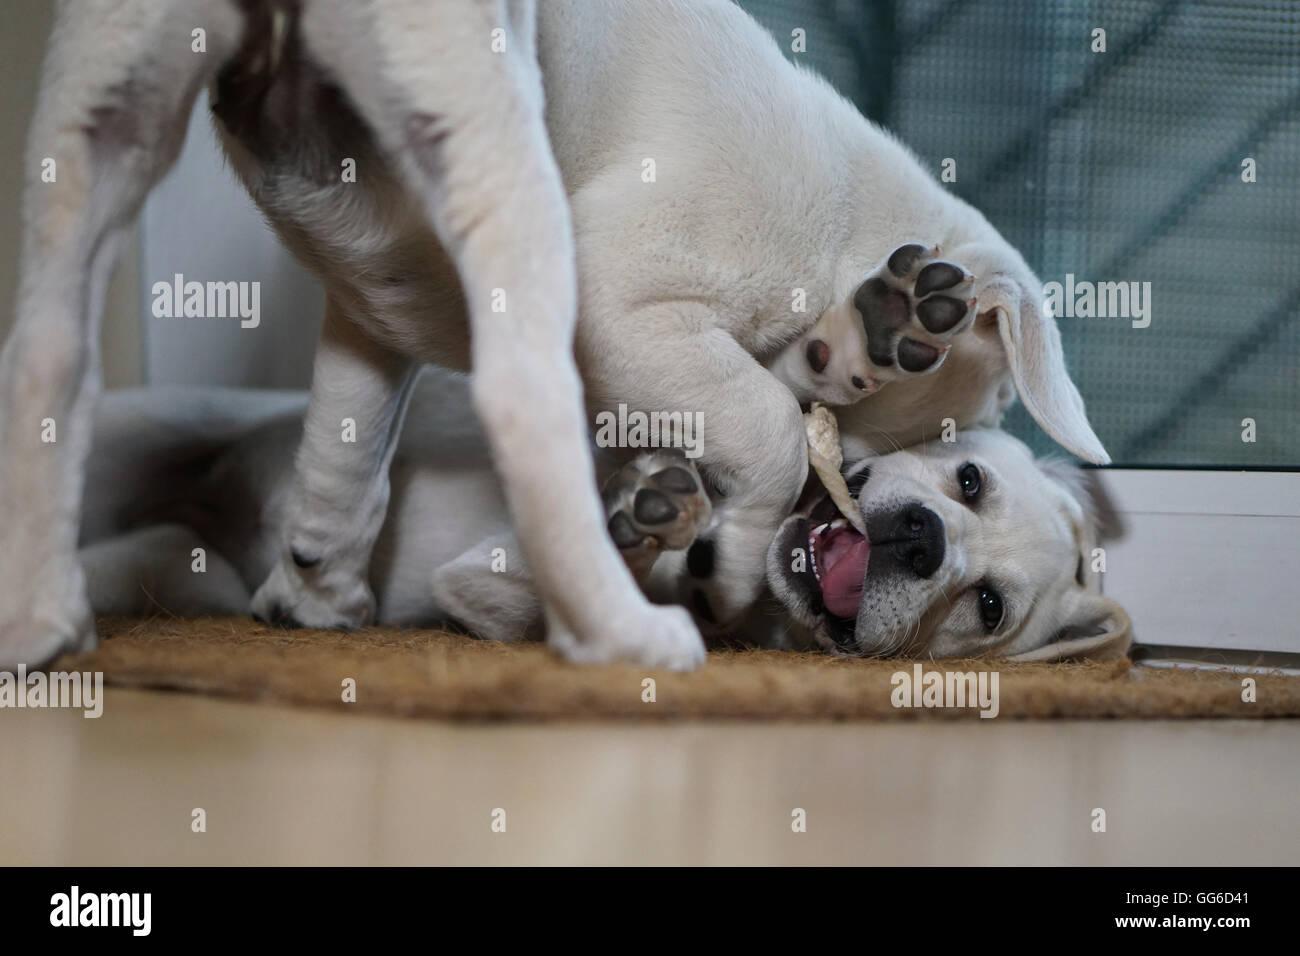 Dos Cachorros Labrador juegan unos con otros hasta que uno da por dos Imagen De Stock